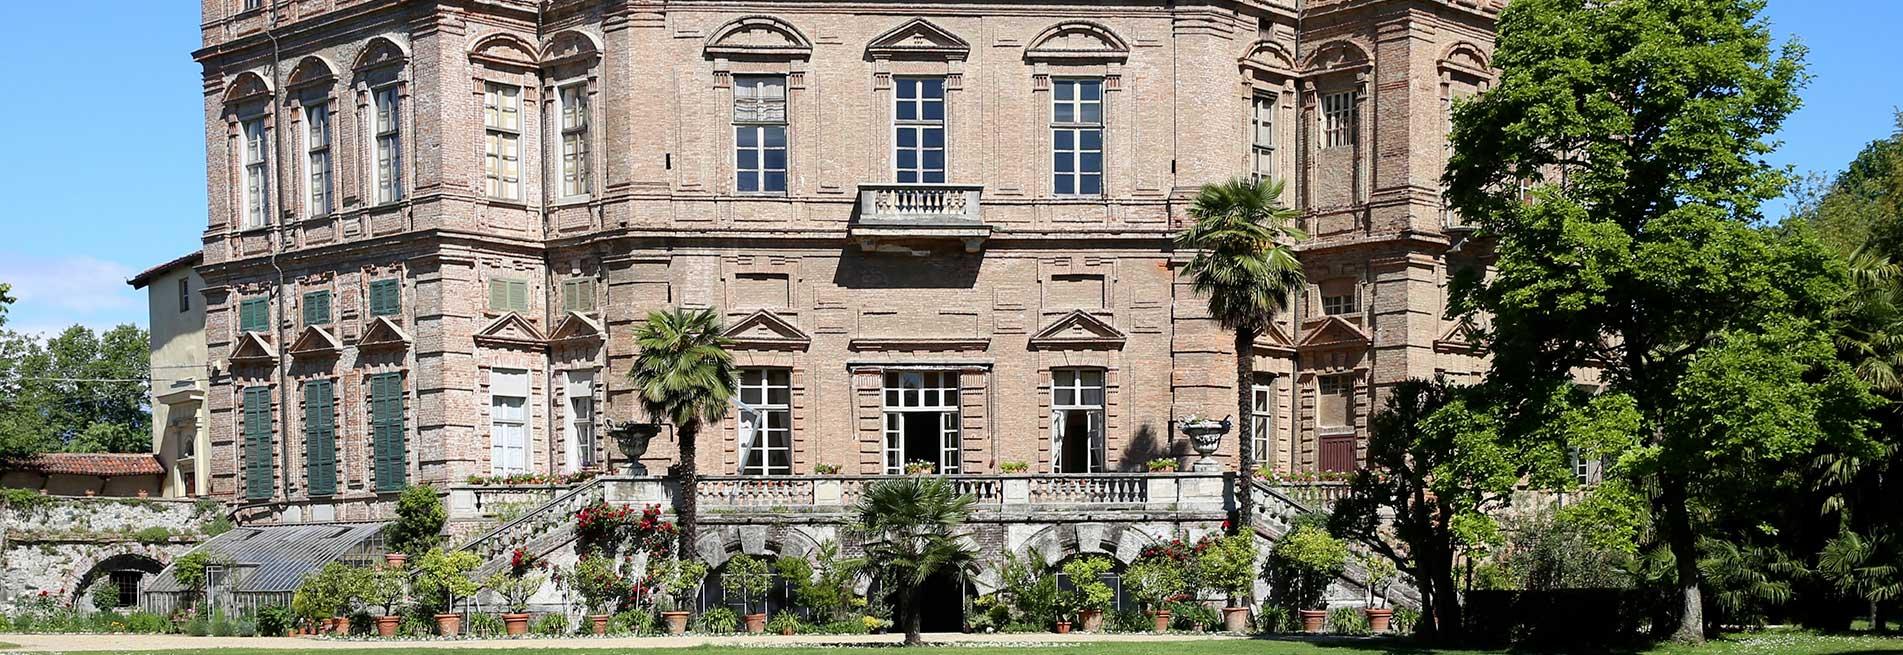 Castello di Collegno - Location per eventi